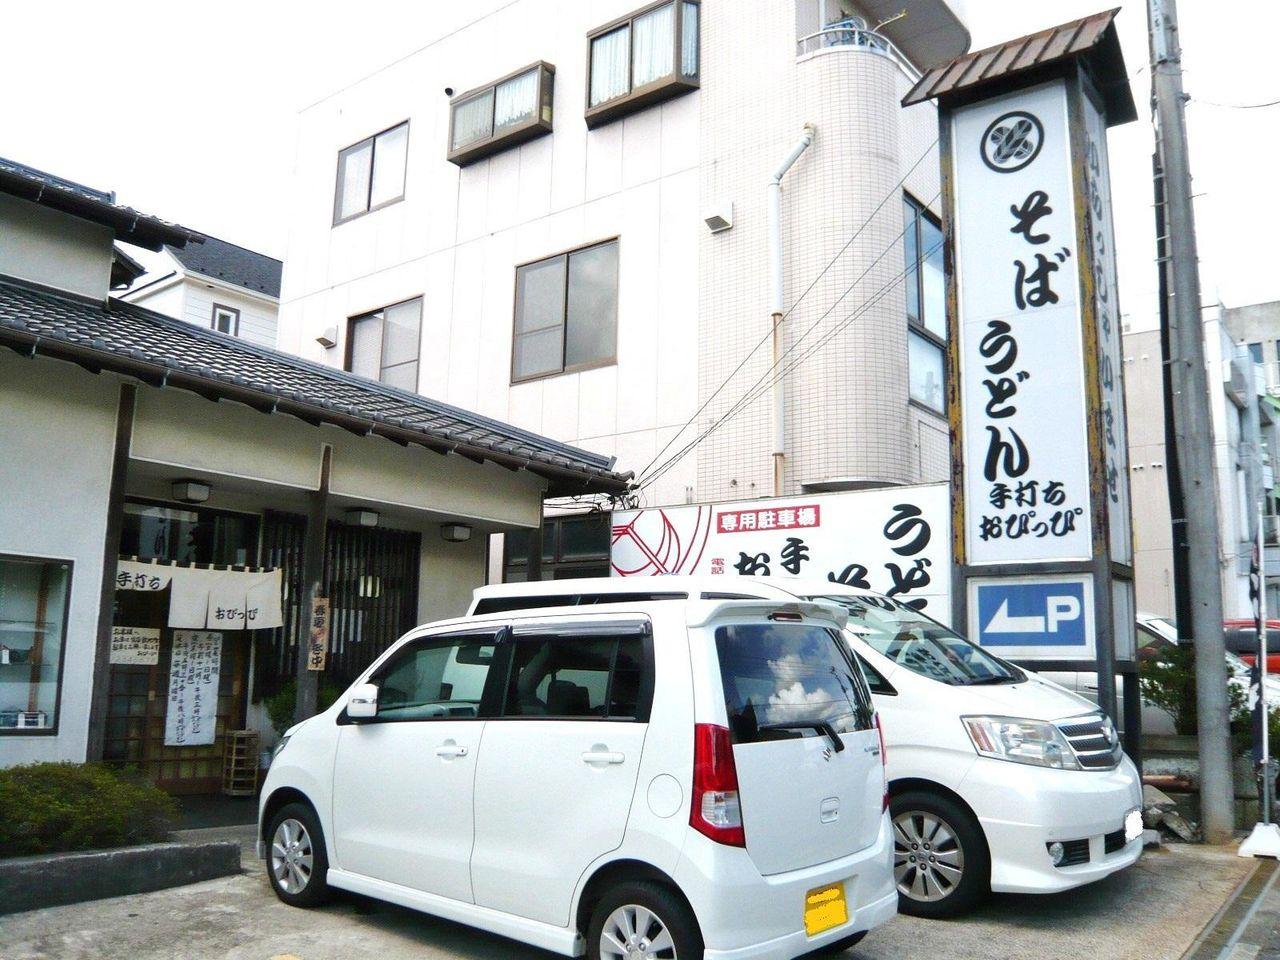 お店の前に専用駐車場があります。